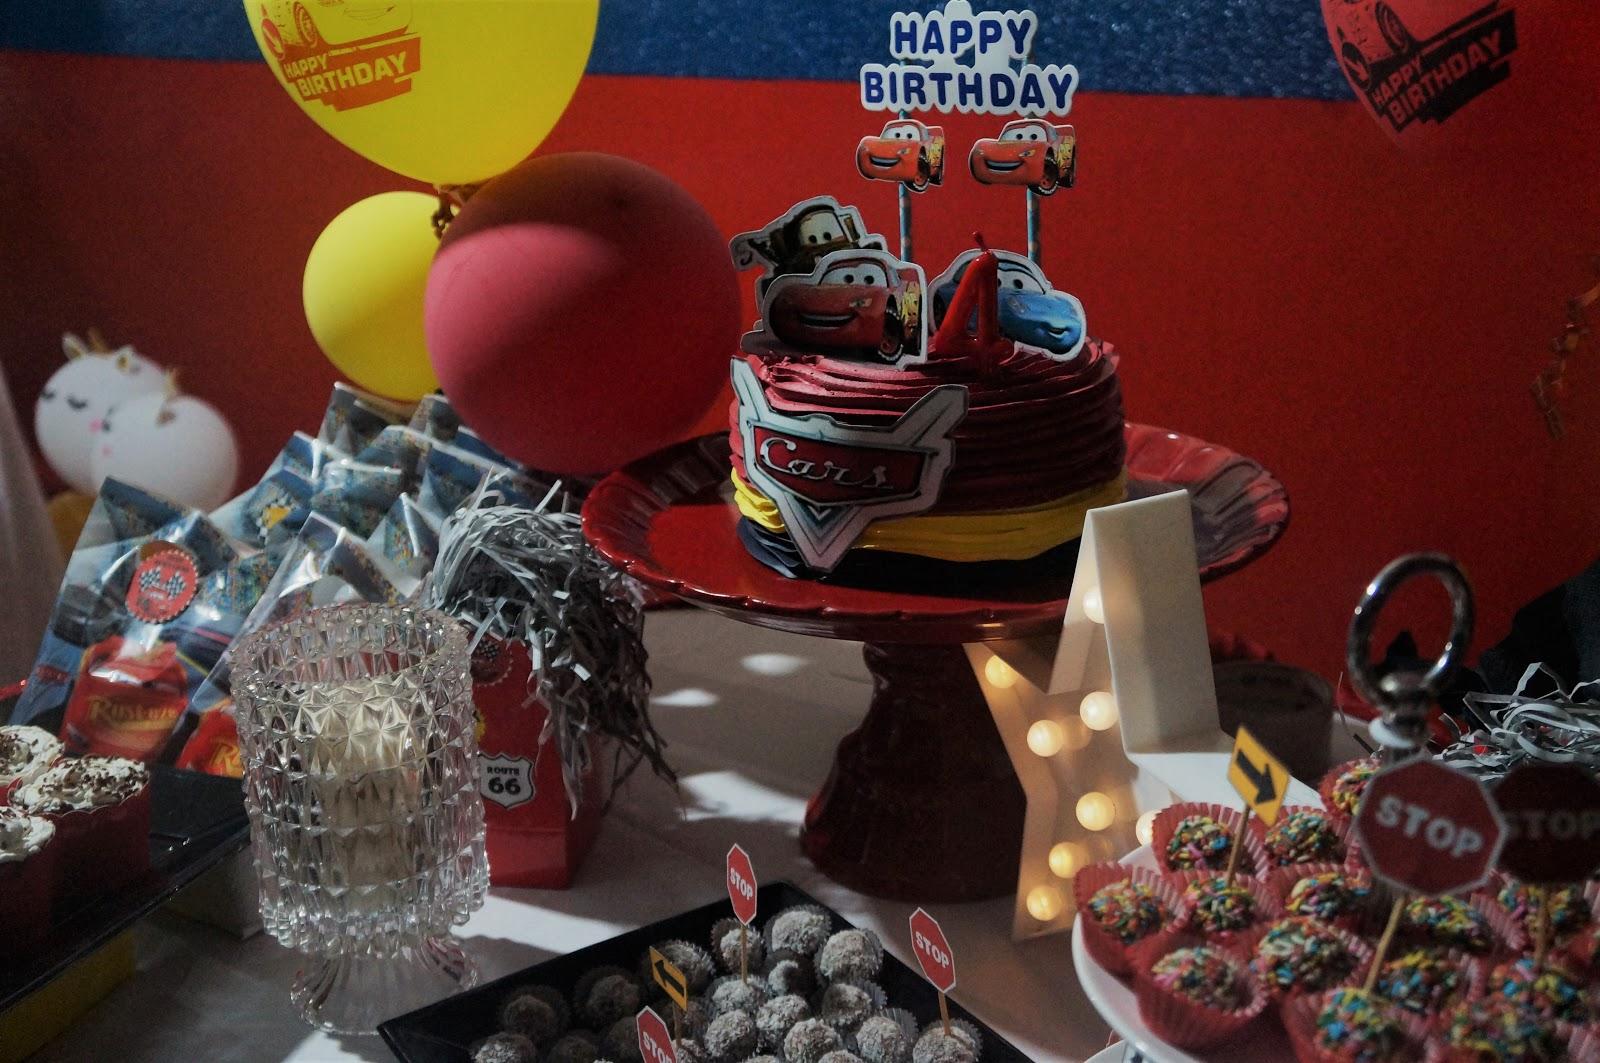 Festa de Aniversário 4 anos com tema Carros Disney